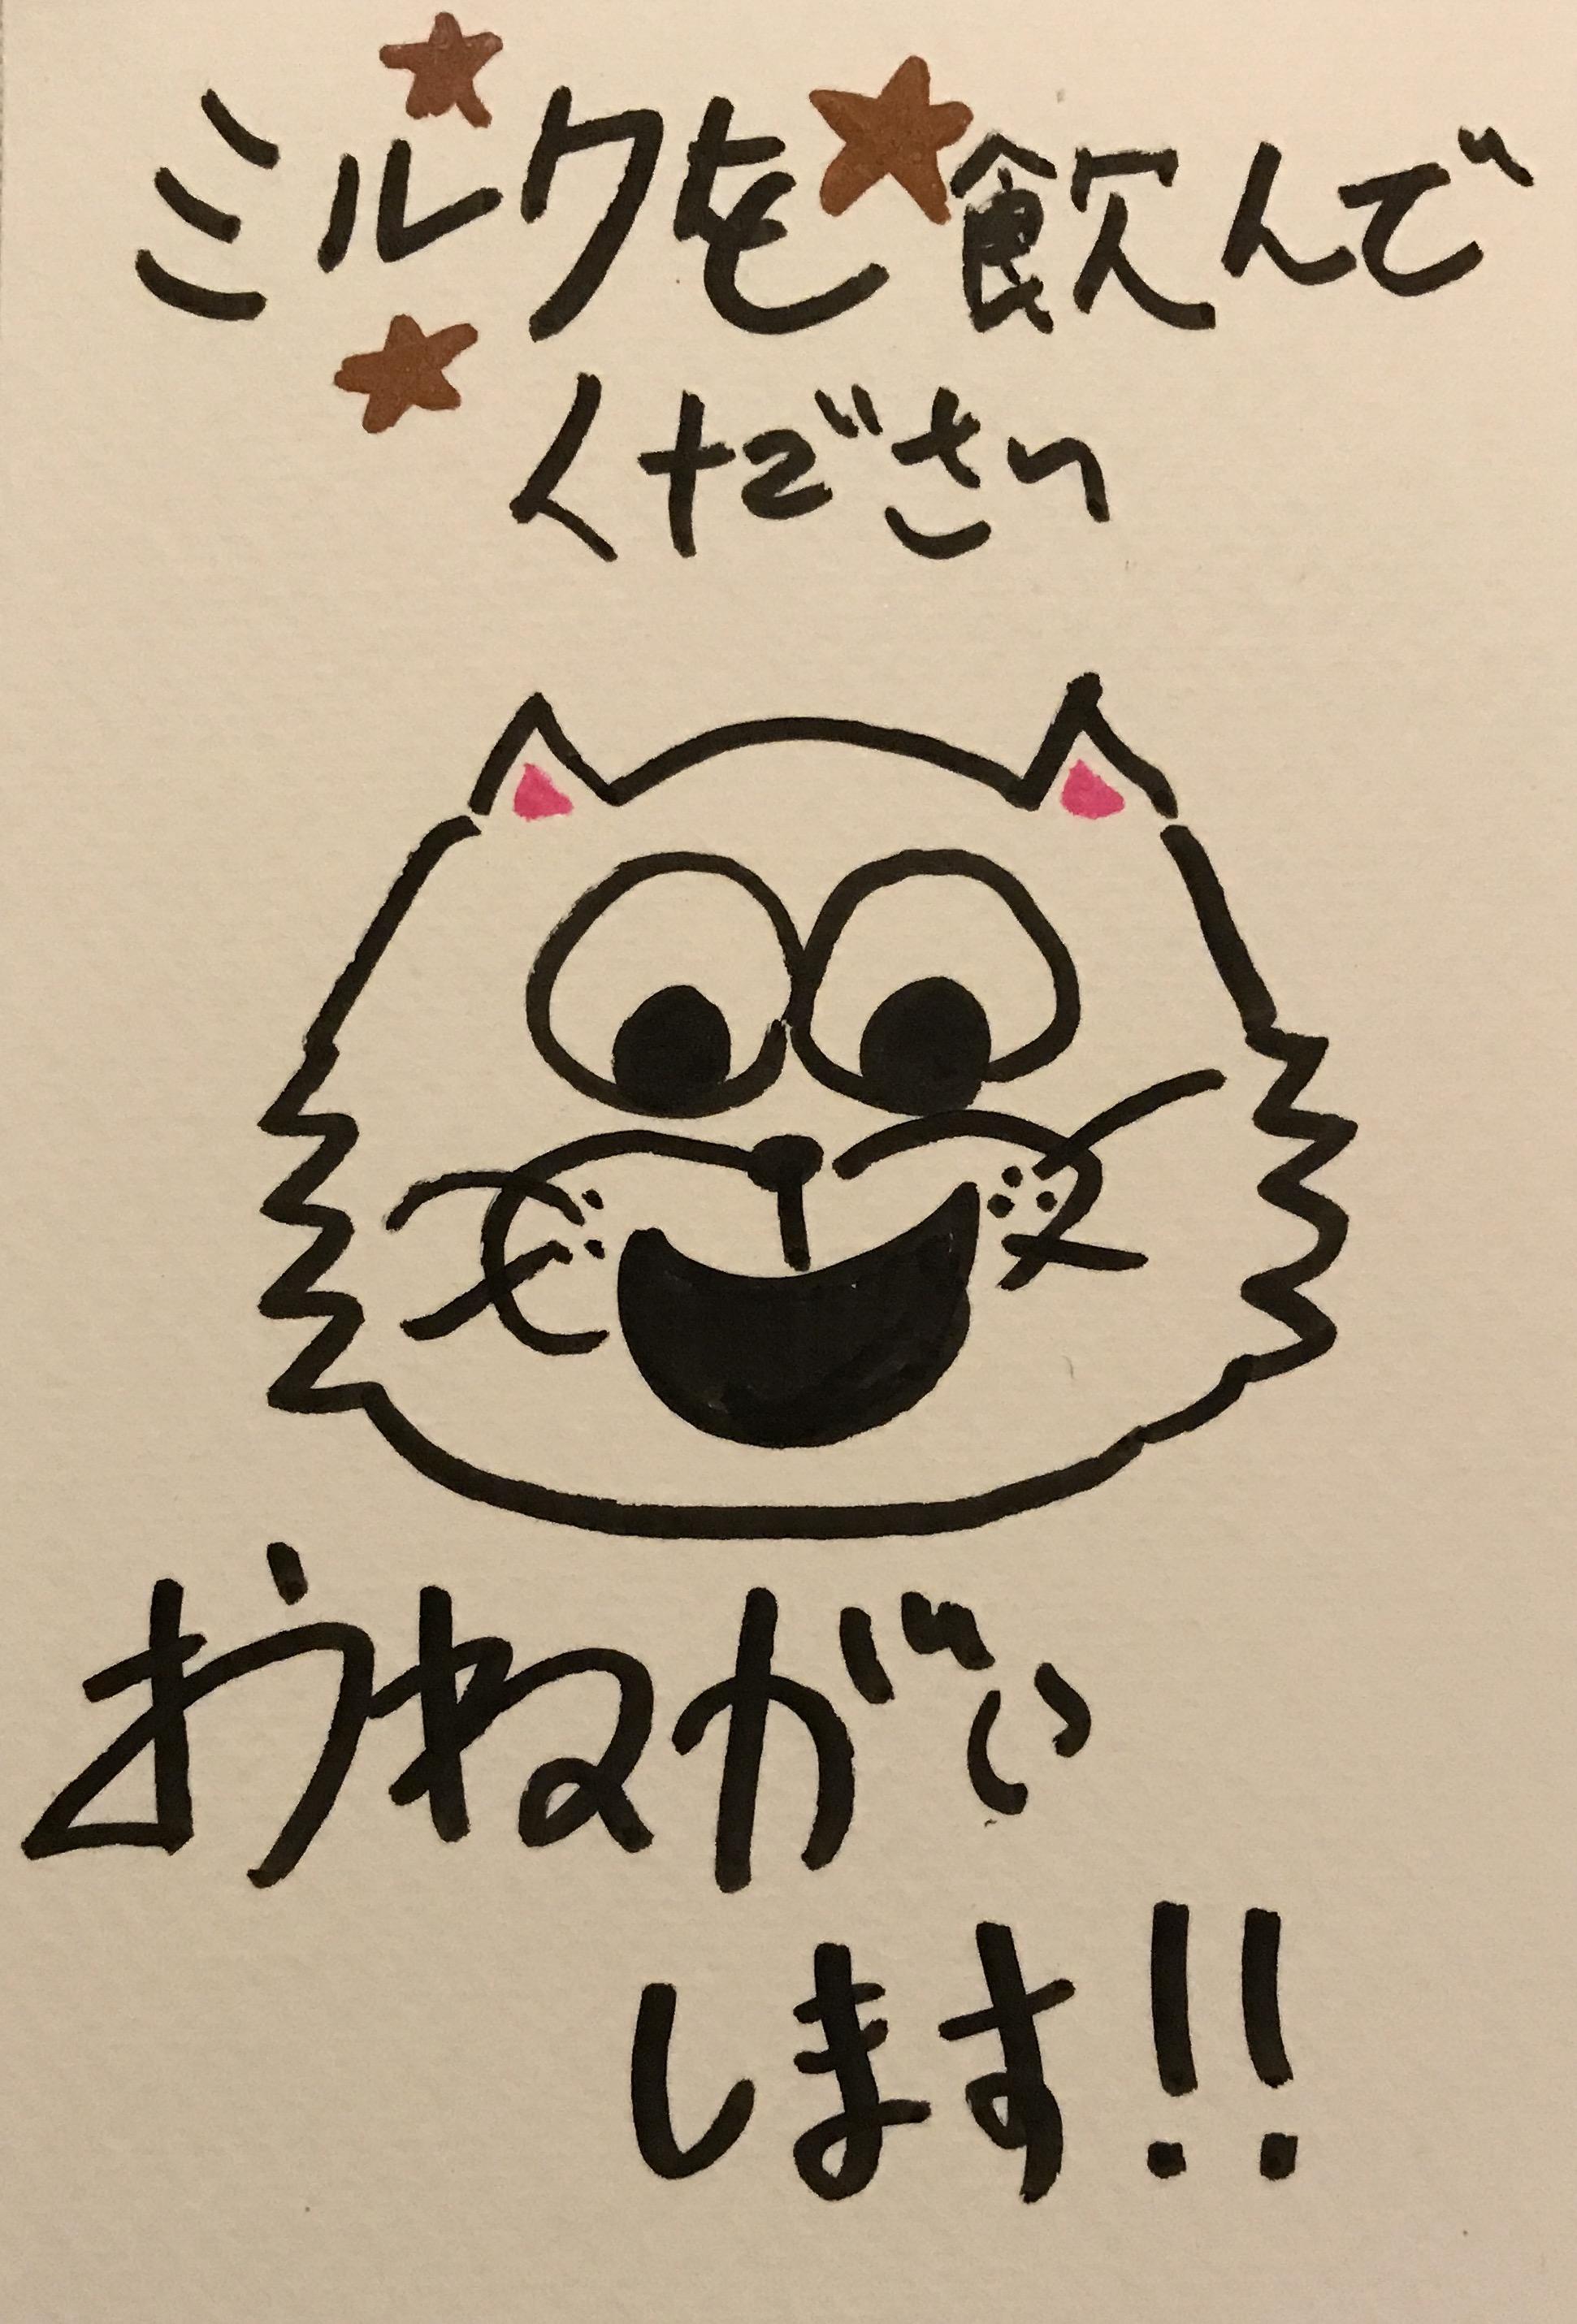 ミルクを飲んでくださいお願いします 日本語 書道 かわいい ぺん kawaii draw ink calligraphy art cartoon